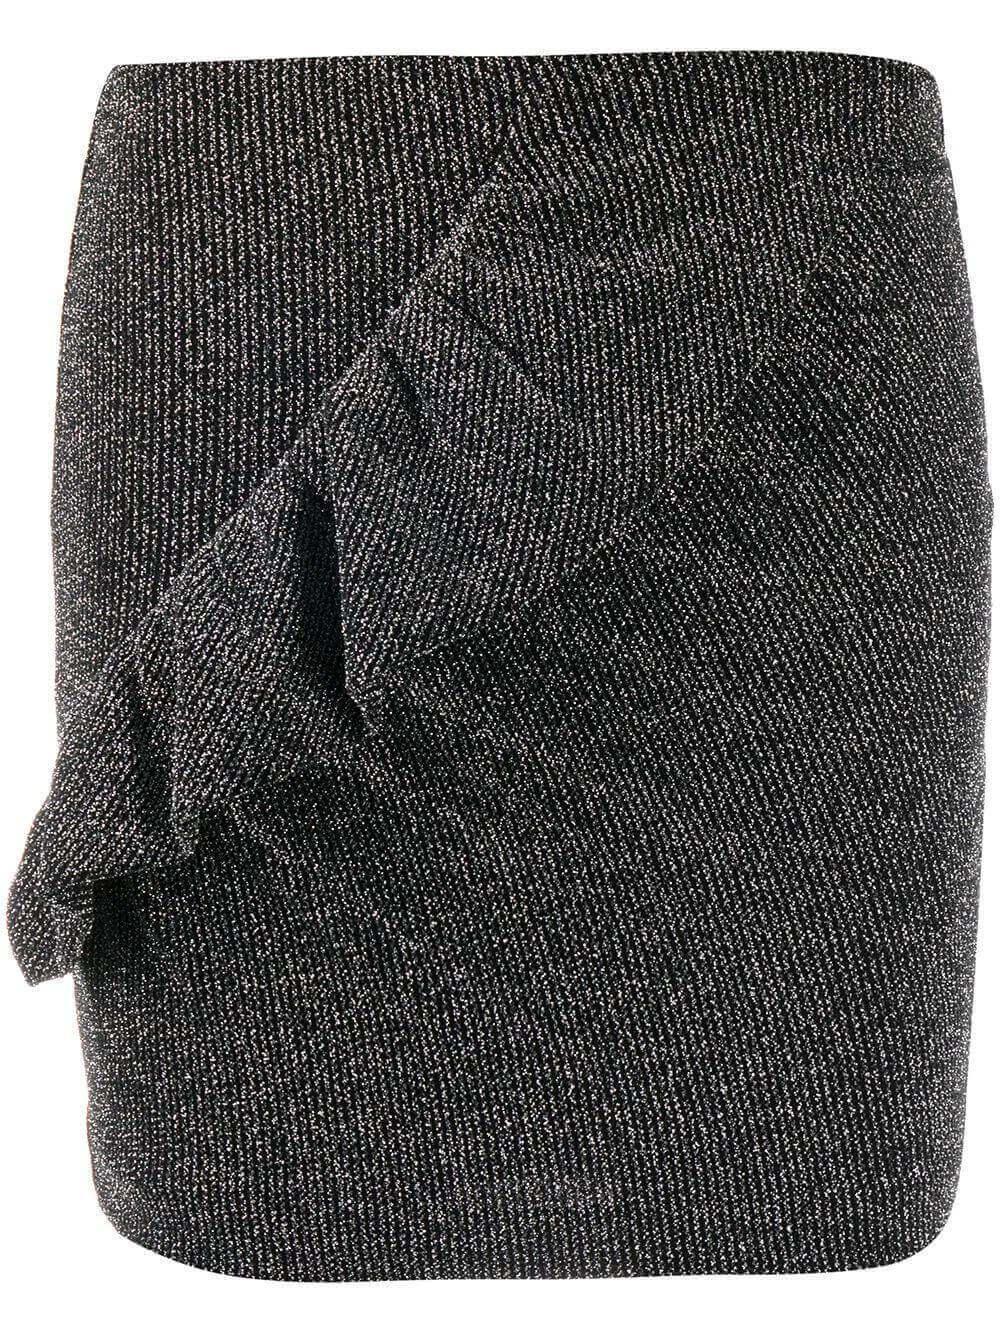 Lisko Skirt